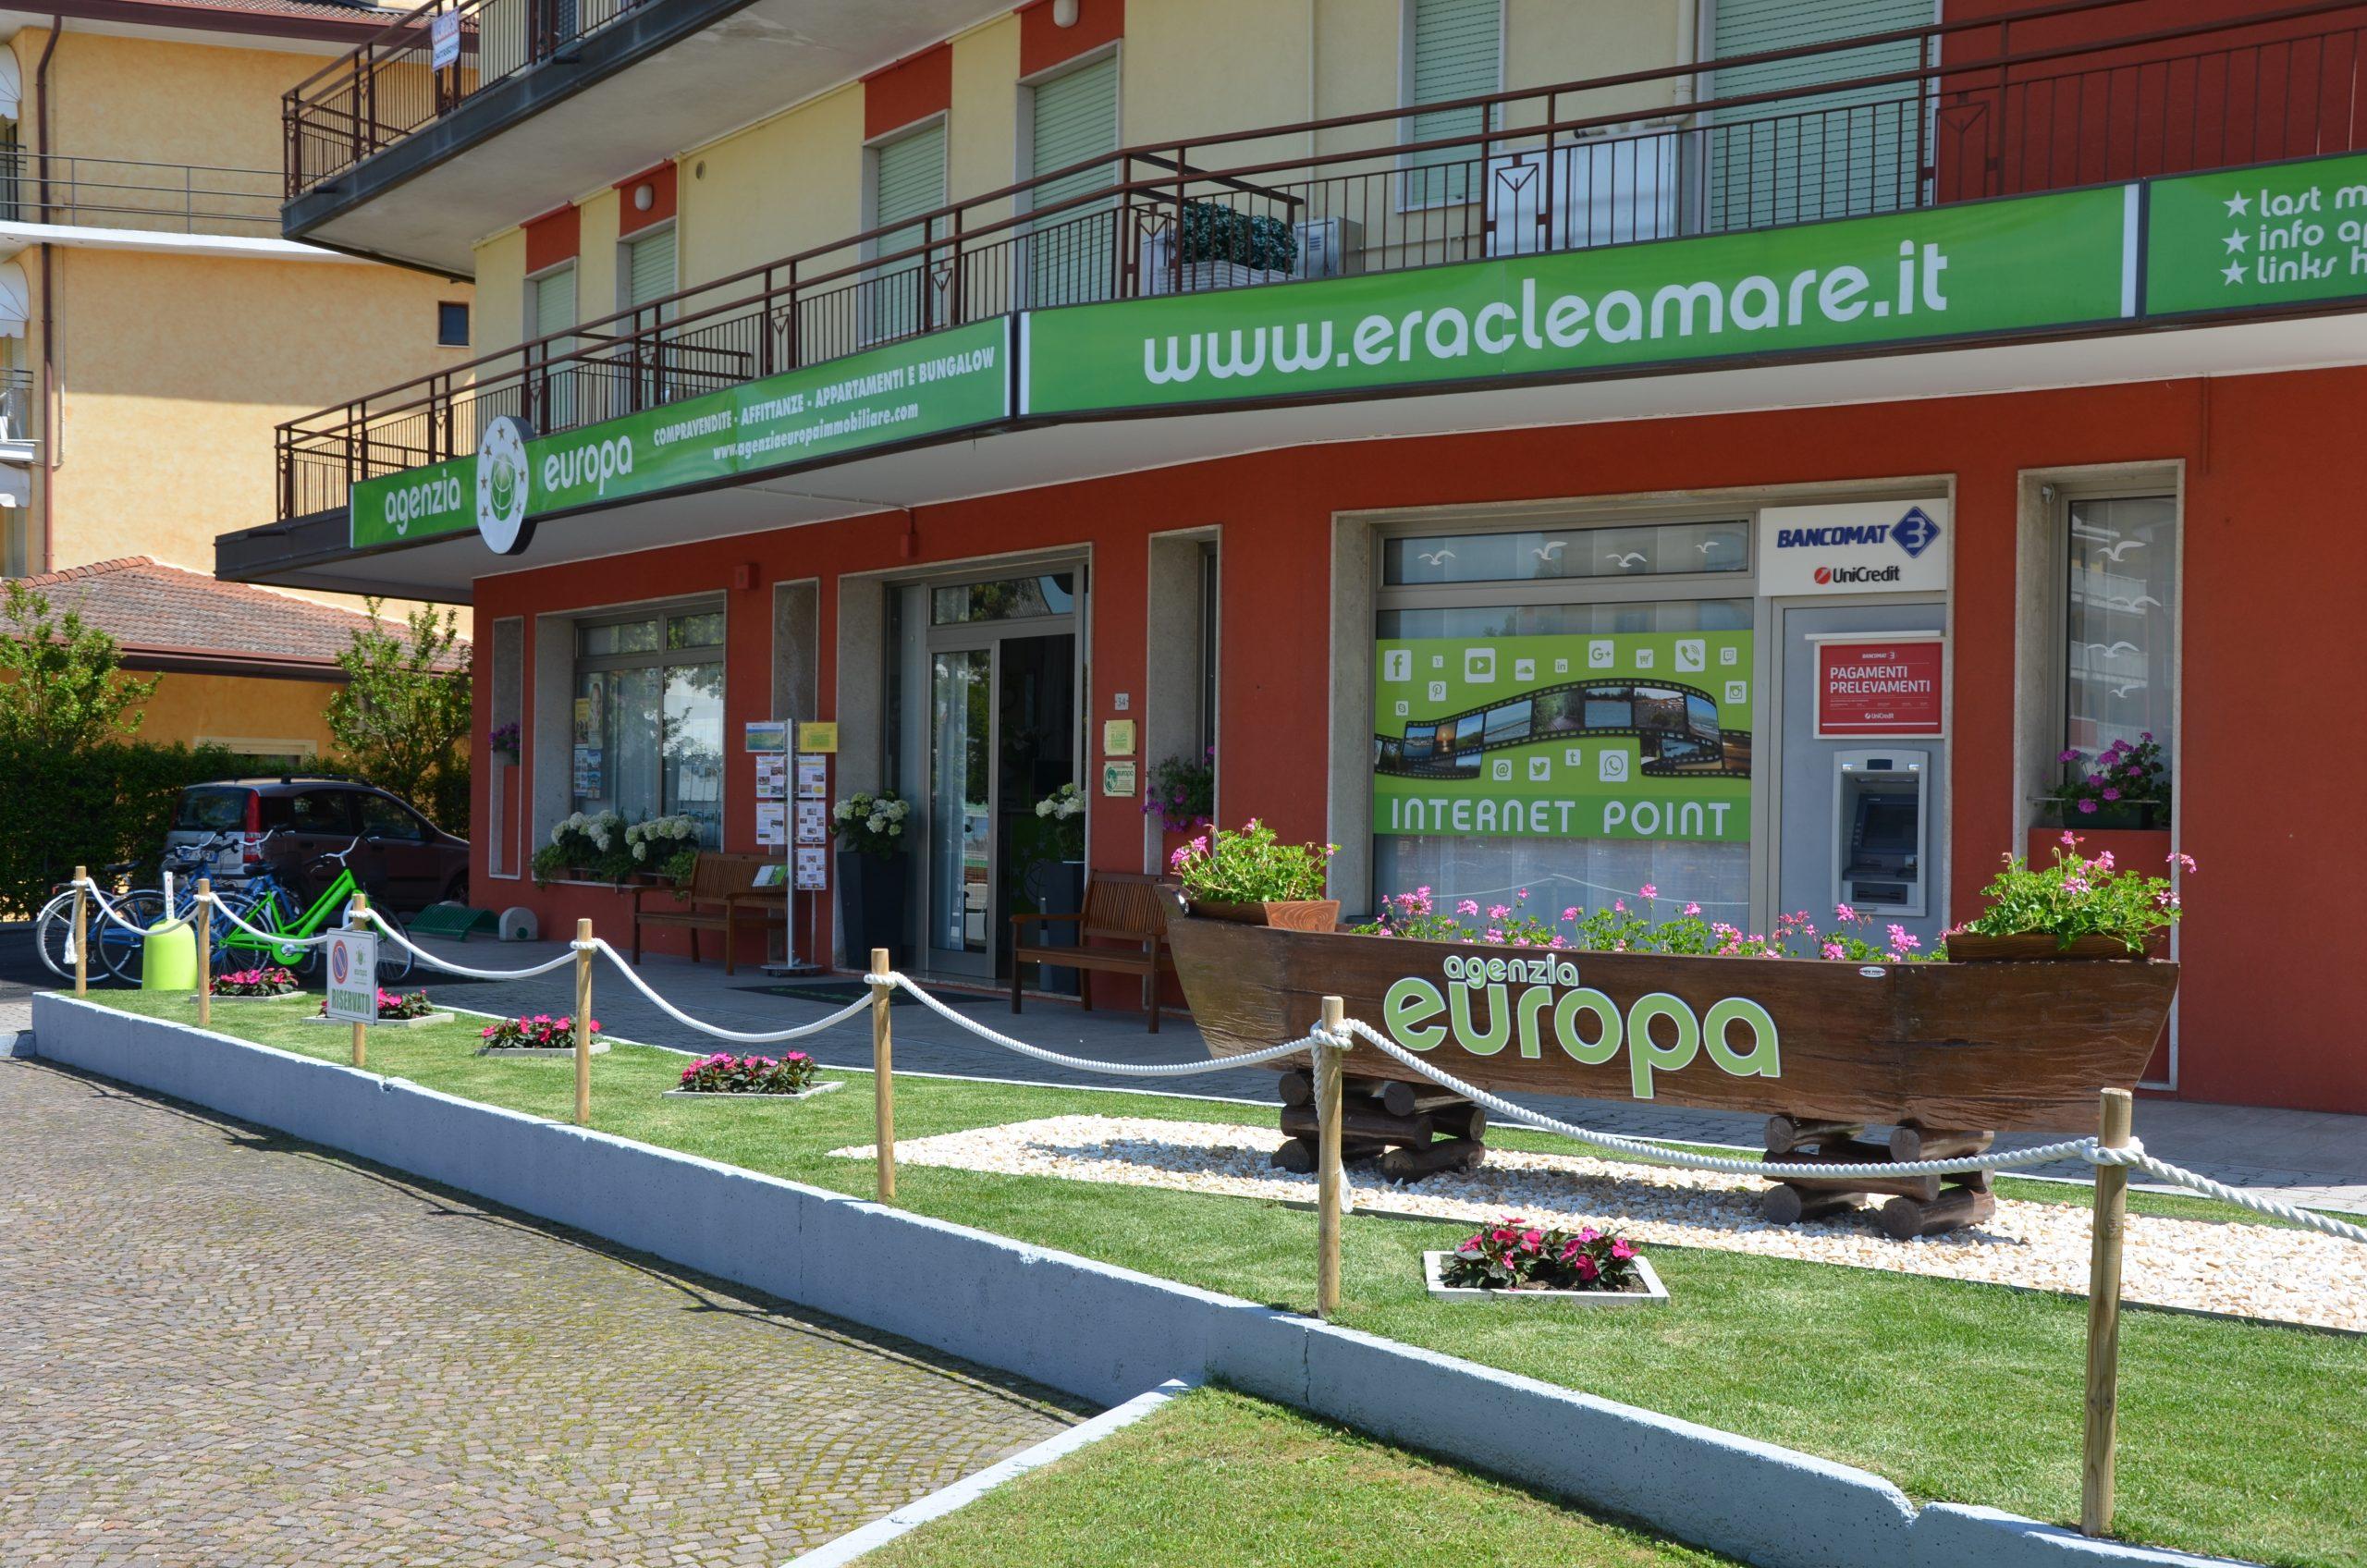 Vista esterna dell'agenzia Europa con giardino